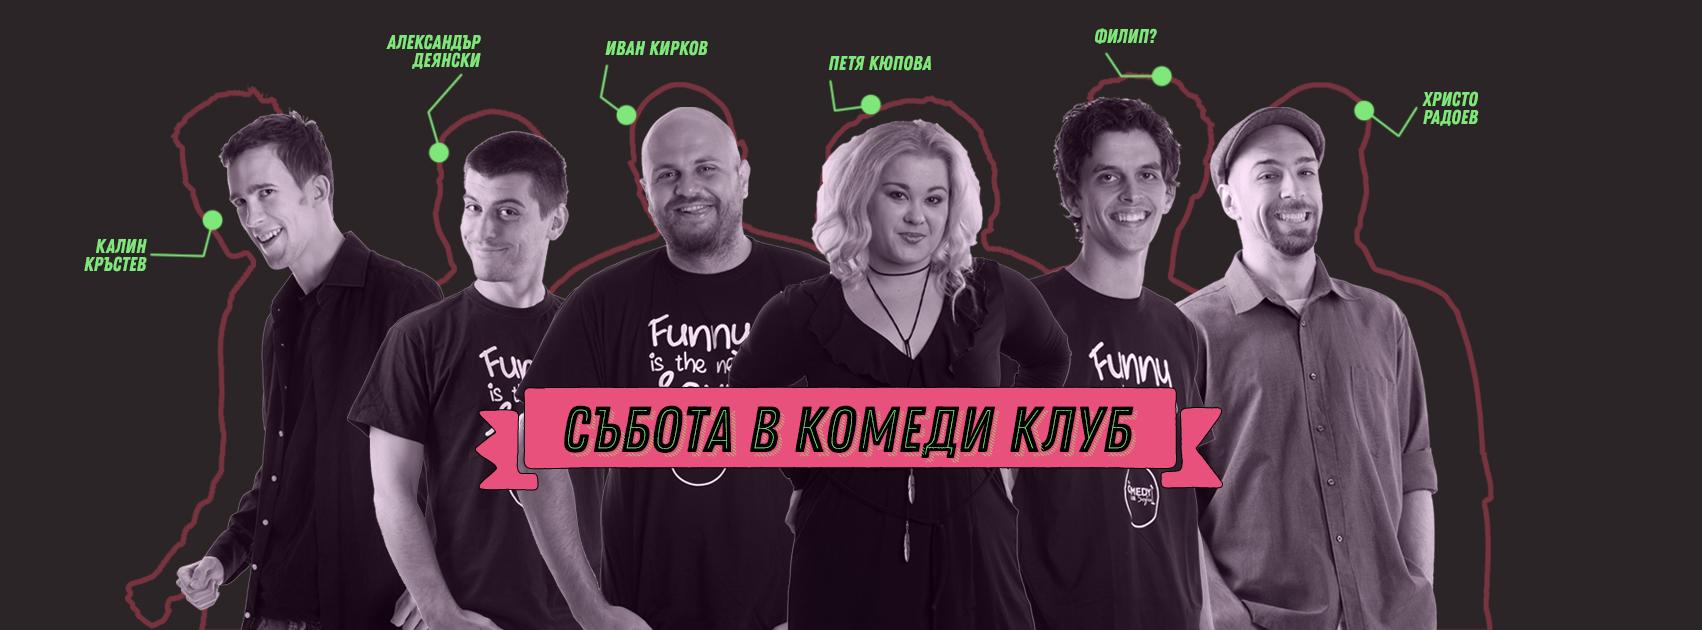 стендъп комеди фестивал 2018